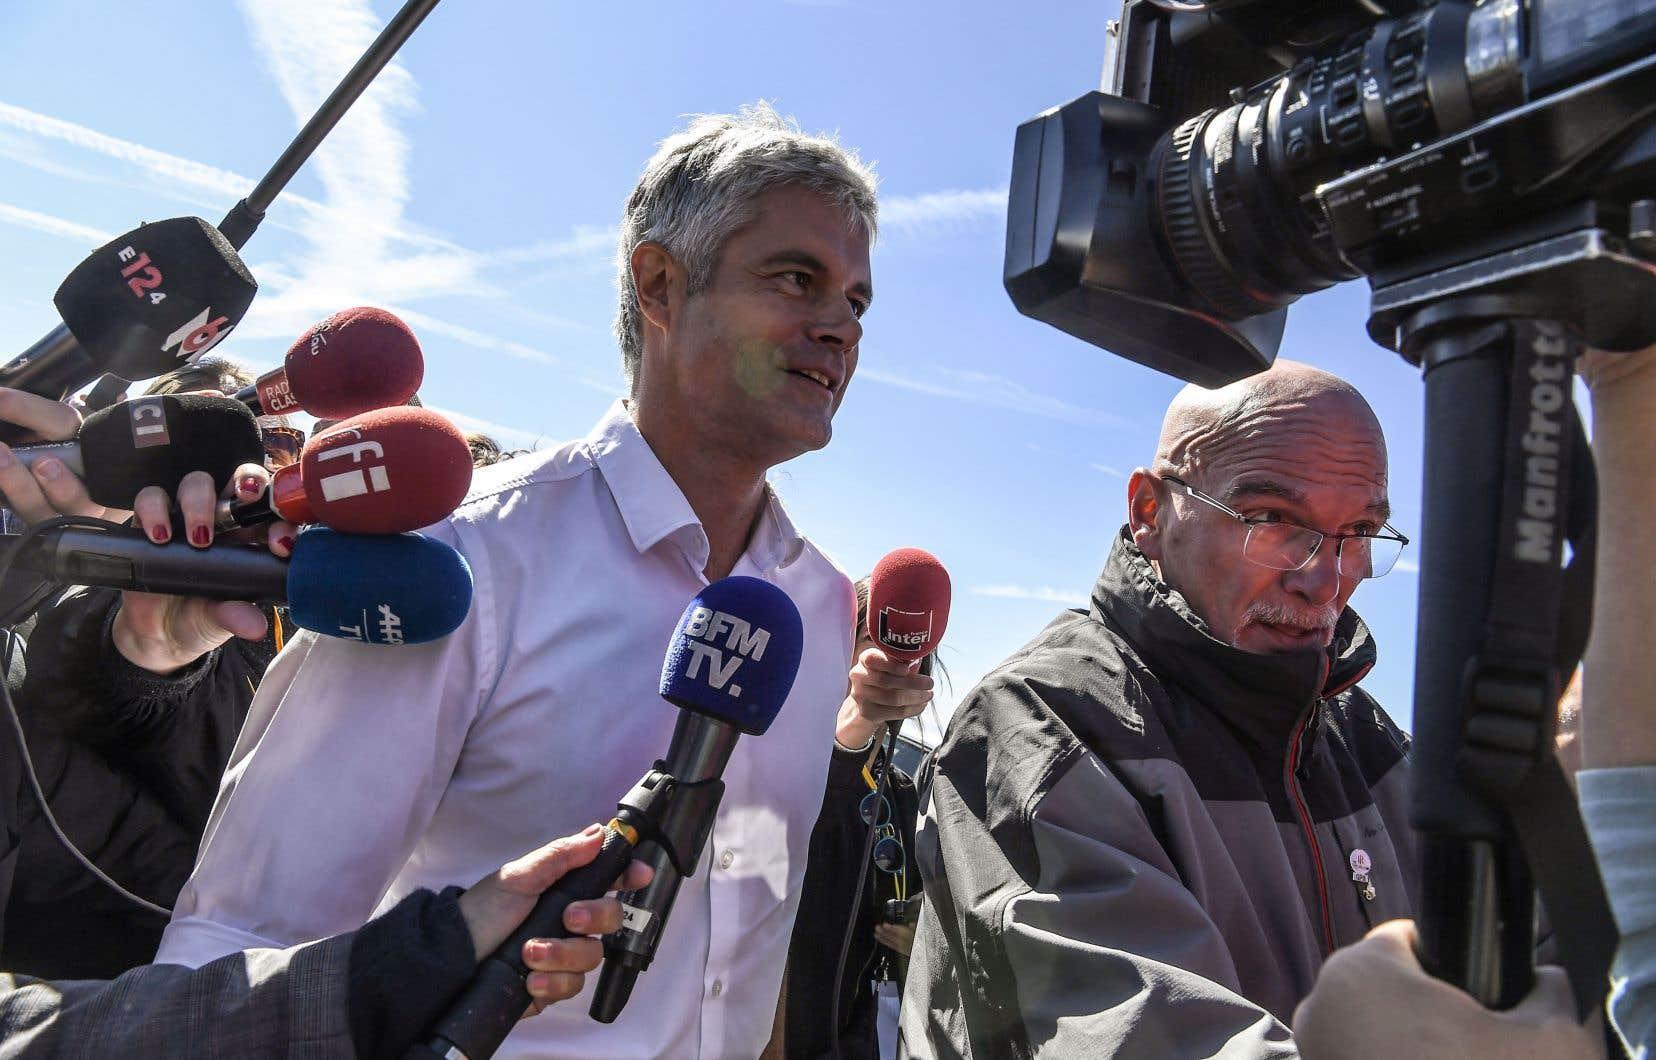 Le président du parti de droite Les Républicains, Laurent Wauquiez, arrive entouré de journalistes avant de prononcer un discours, à Les Estables, dans le centre de la France, le 26 août 2018.